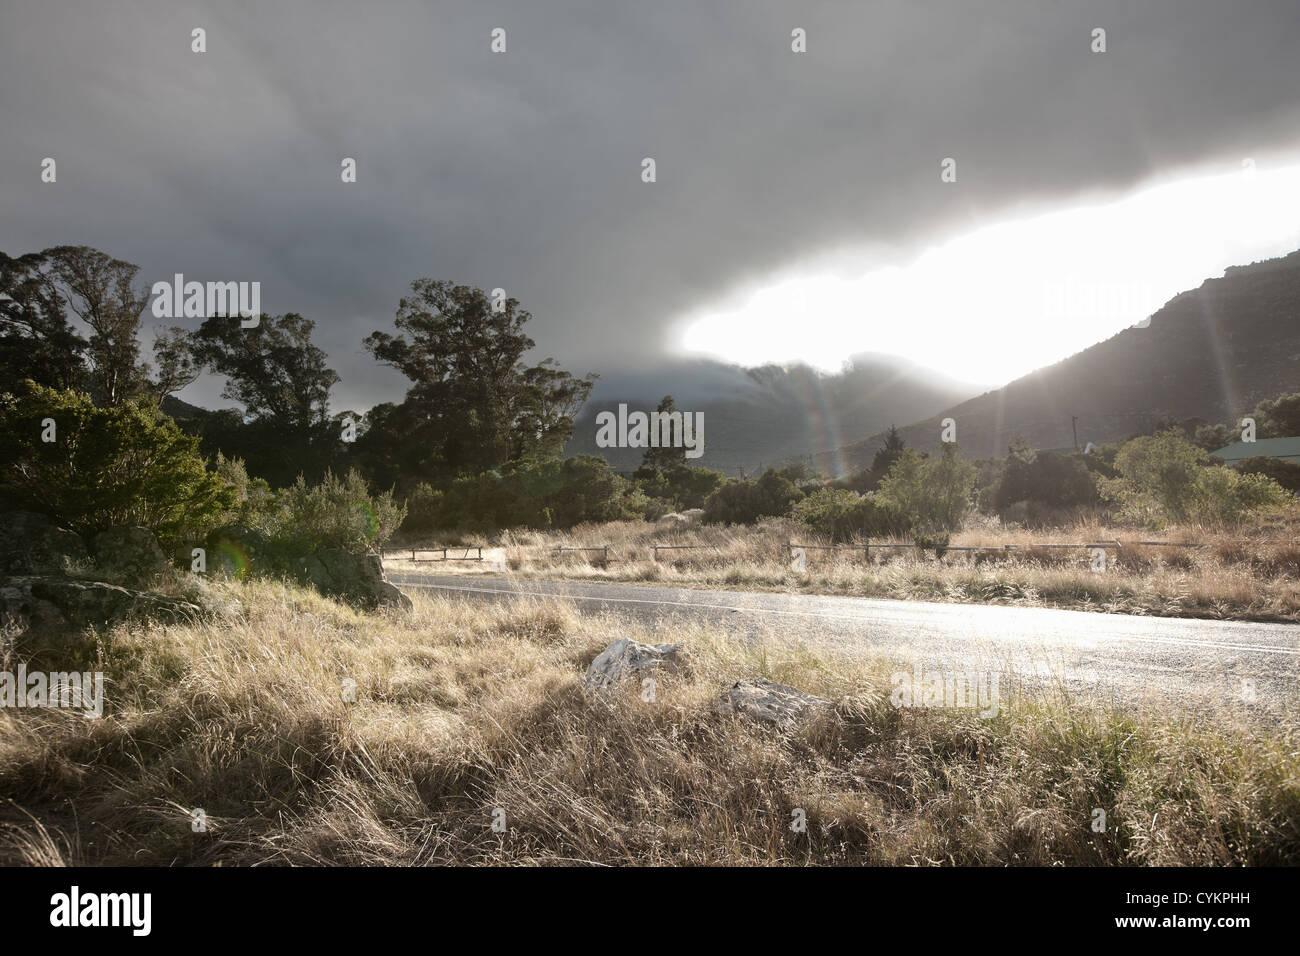 Césped que crece a lo largo de los caminos rurales Imagen De Stock